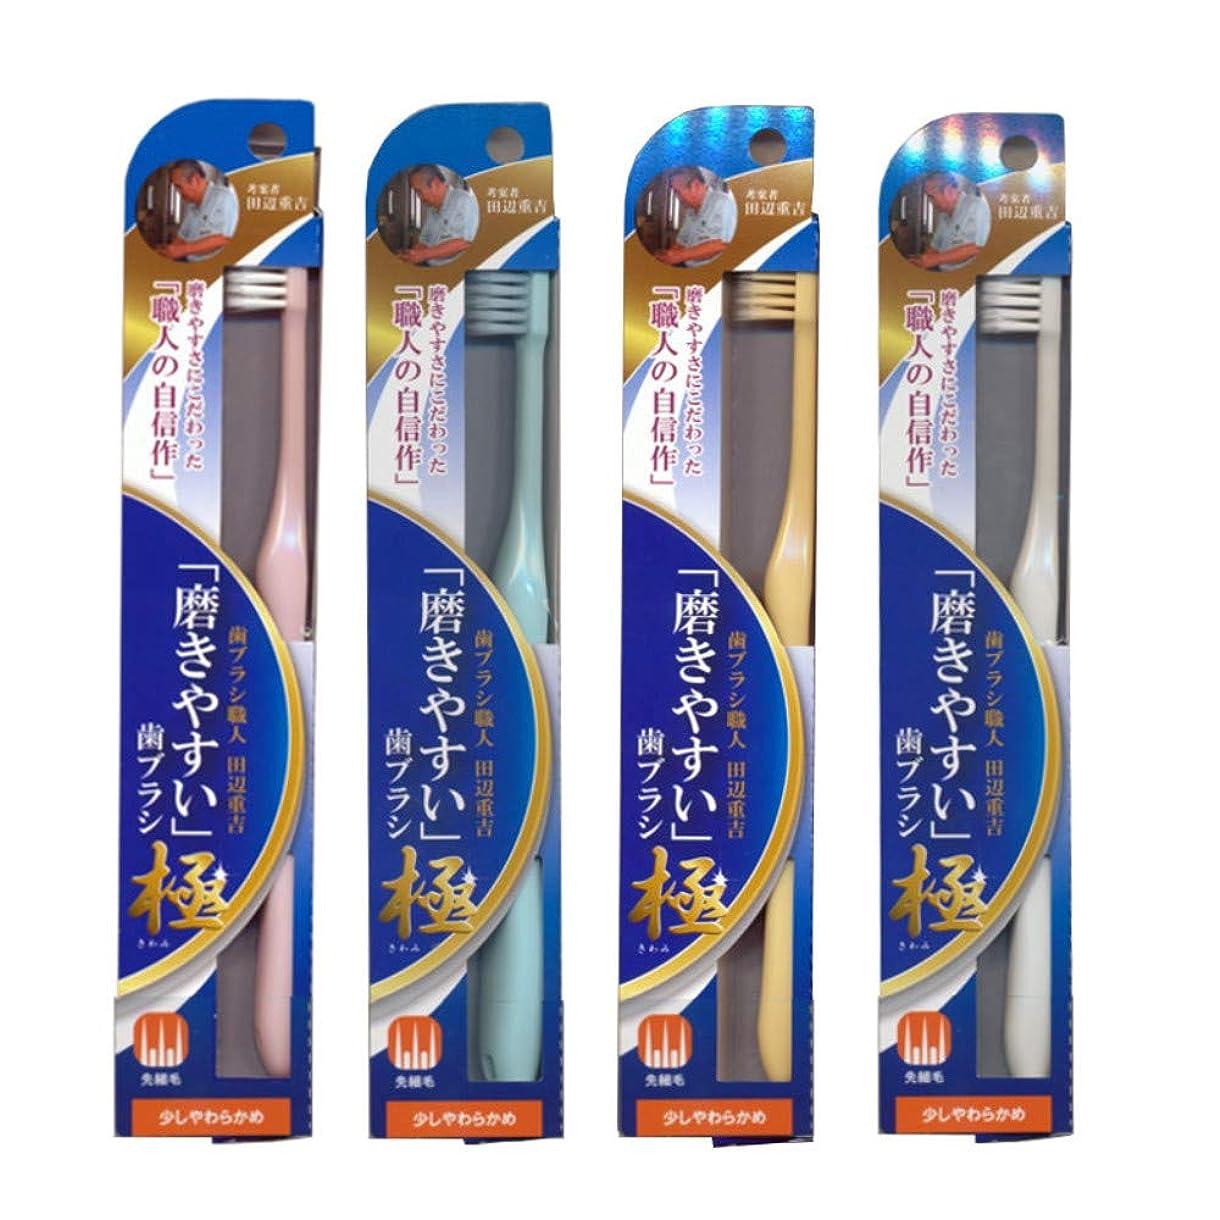 明らかにいろいろ城磨きやすい歯ブラシ極 (少し柔らかめ) LT-43×12本セット(ピンク×3、ブルー×3、ホワイト×3、イエロー×3) 先細毛